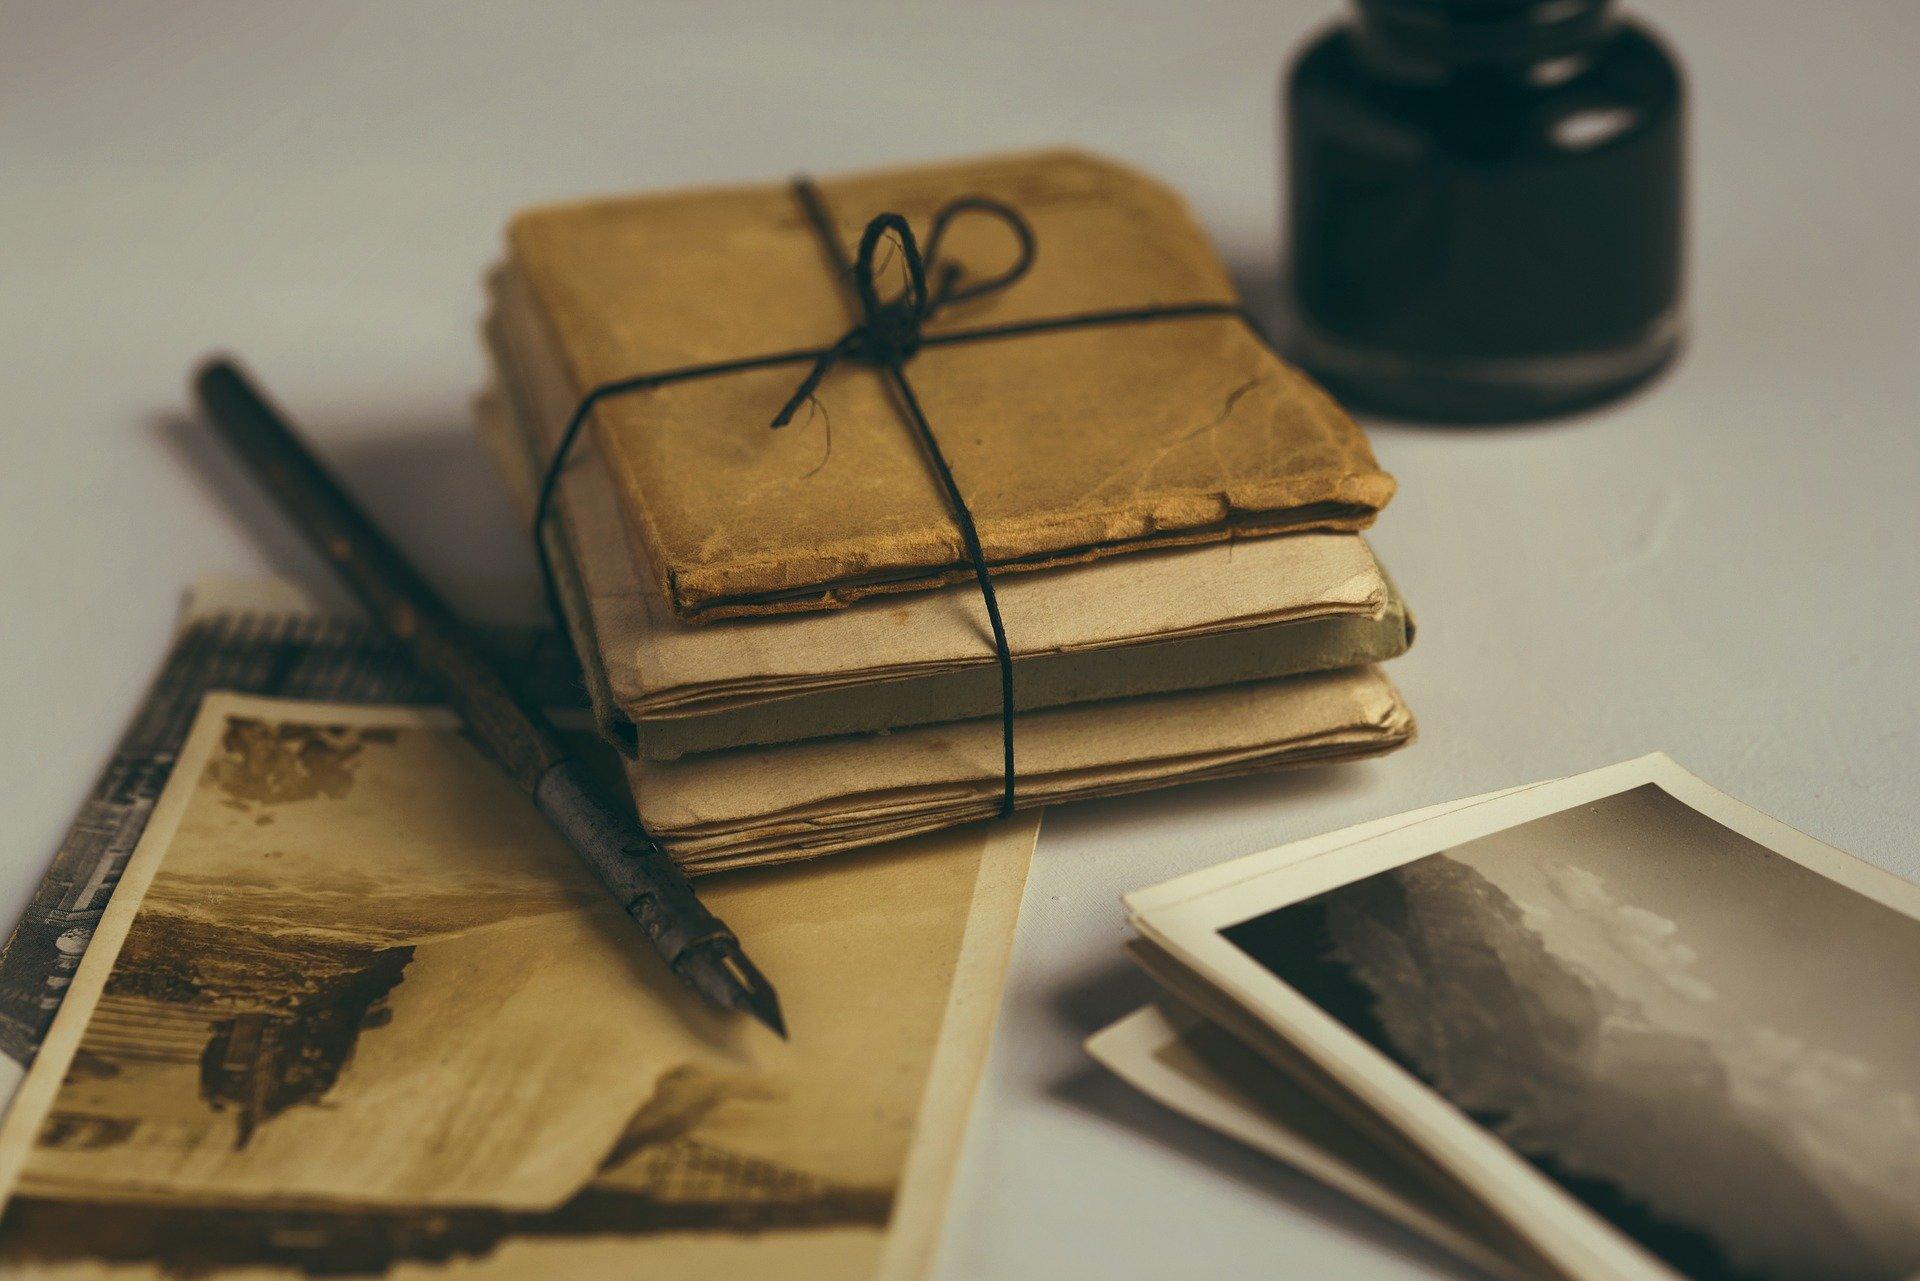 Жди меня: мероприятия к 105-летию со дня рождения писателя Константина Симонова подготовили в библиотеке №162